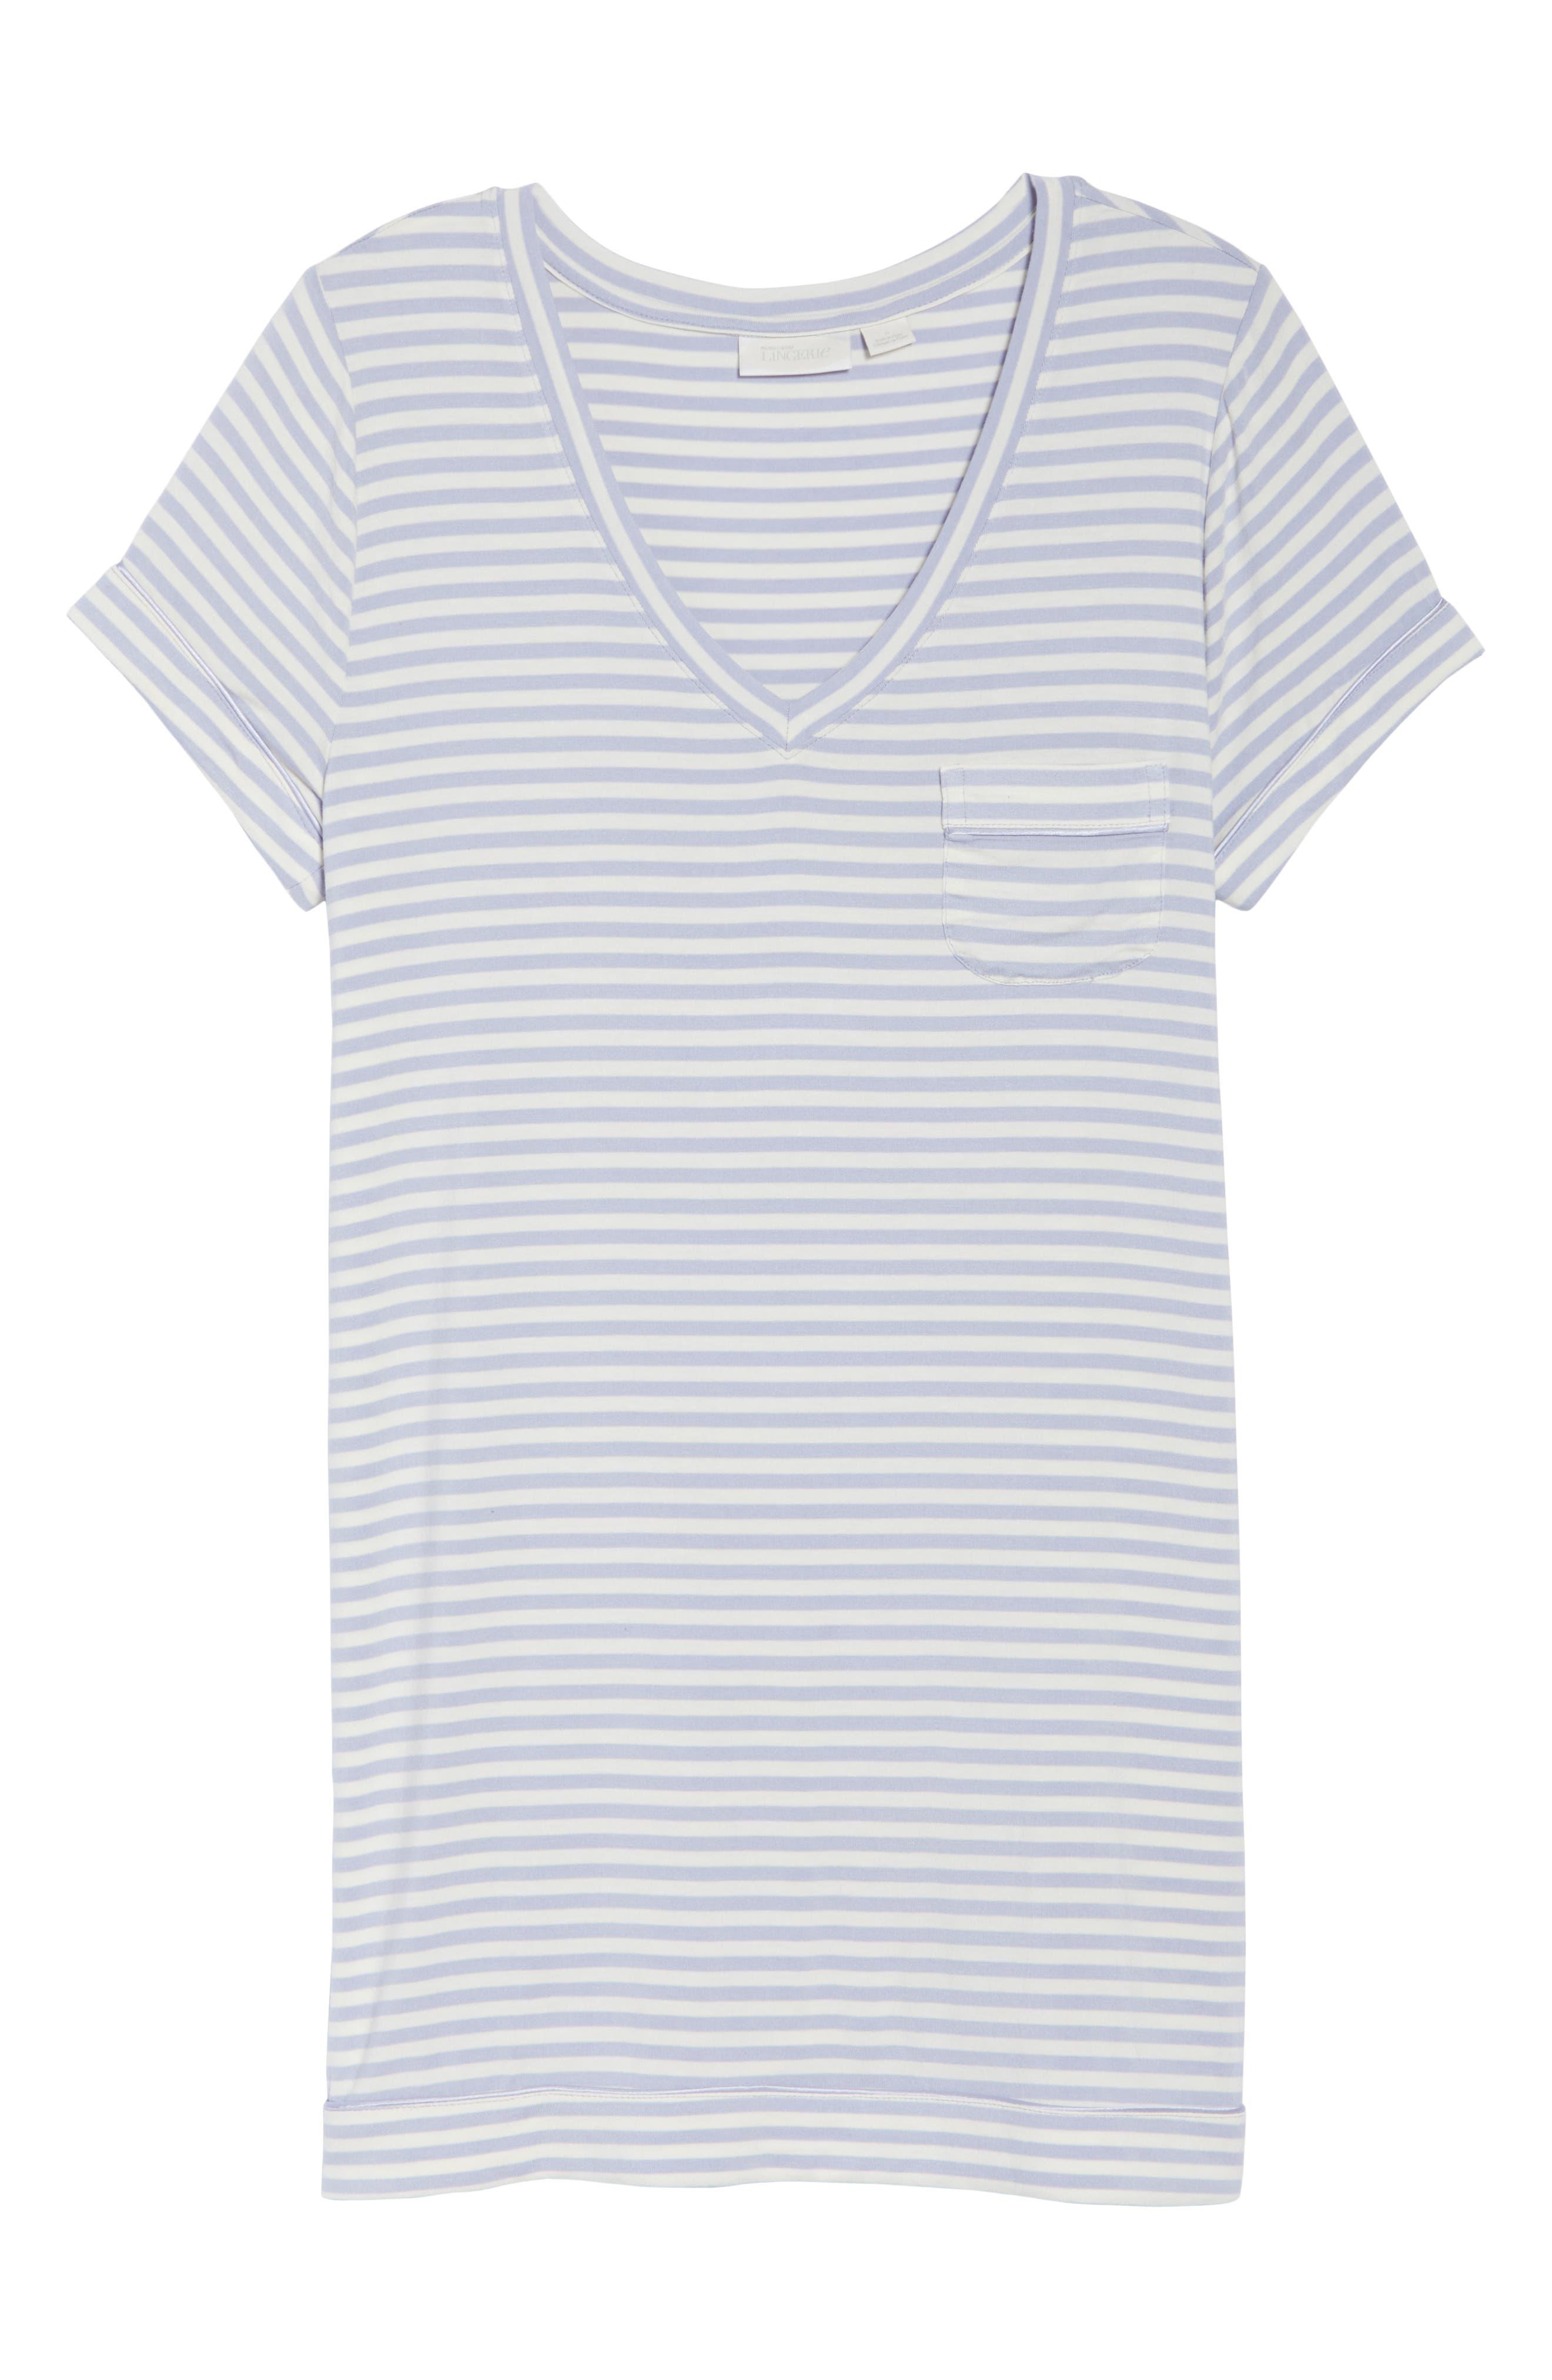 NORDSTROM LINGERIE, Moonlight Sleep Shirt, Alternate thumbnail 6, color, PURPLE COSMIC EVEN STRIPE